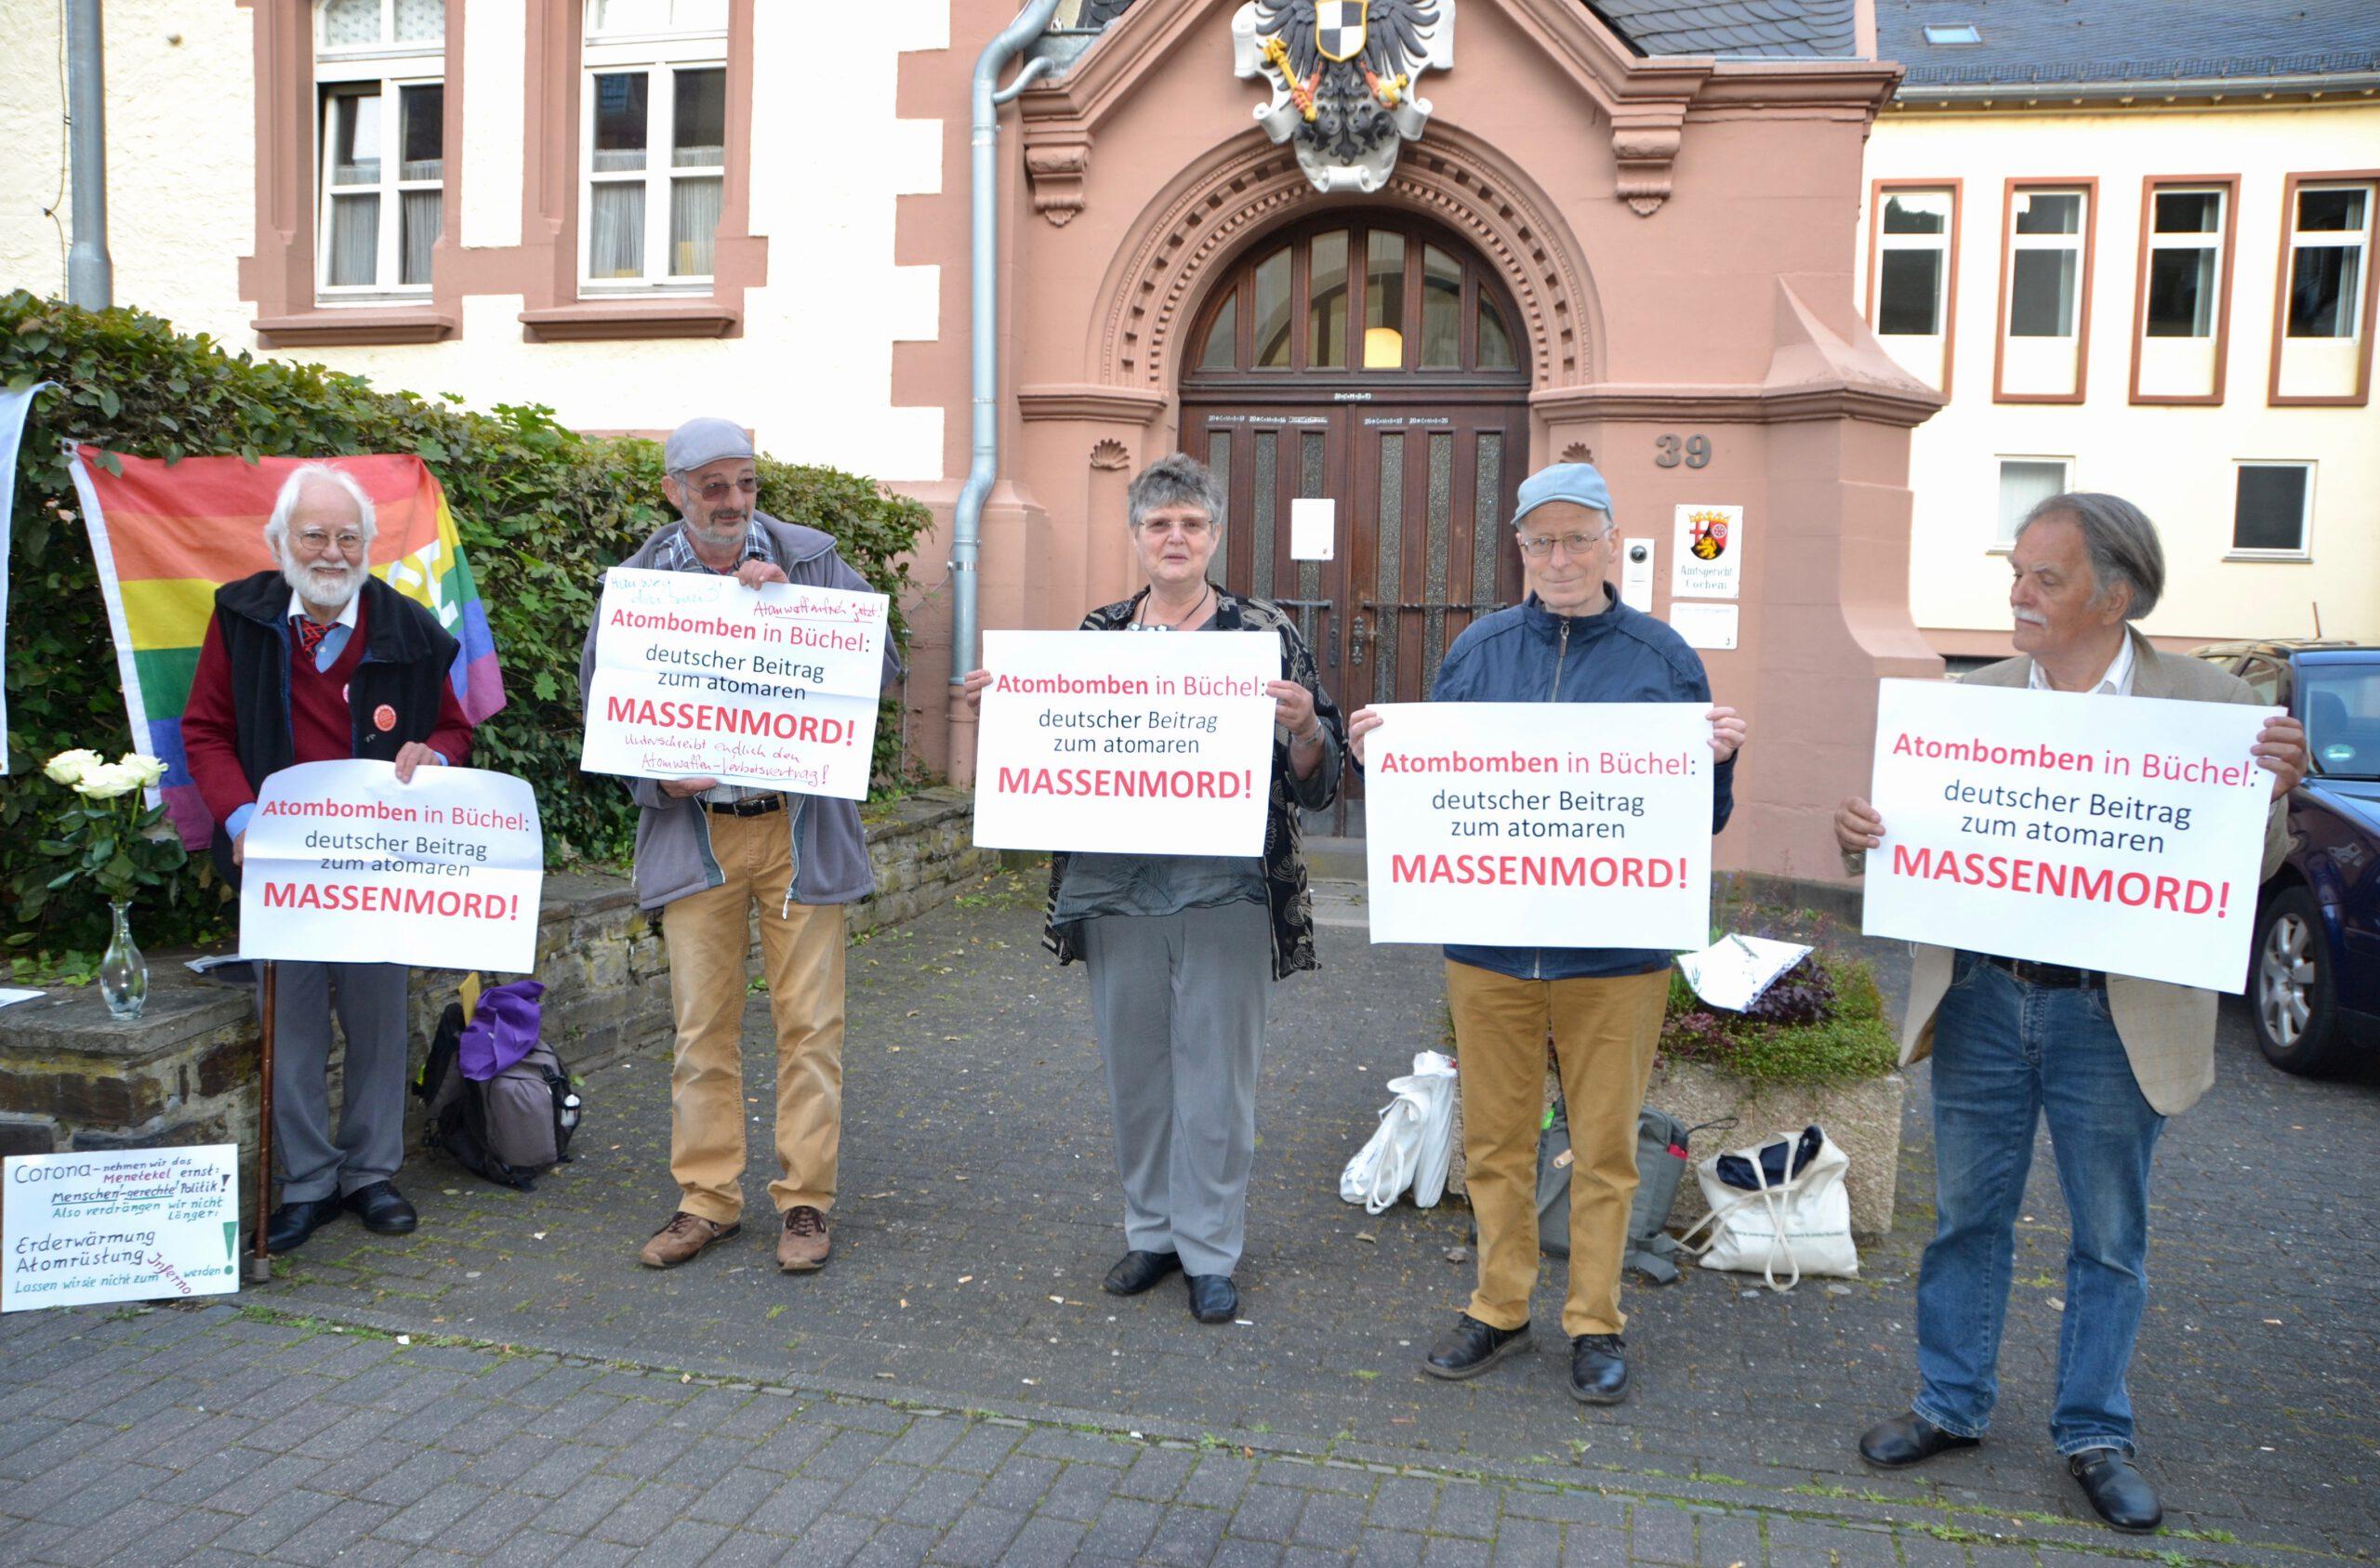 Fünf Männer und eine Frau stehen vor einem romantischen Eingangsportal aus rotem Sandstein und halten den Betrachter*innen jeweils ein weißes DIN A 3-formatiges Schild mit roter und schwarzer Schrift entgegen.